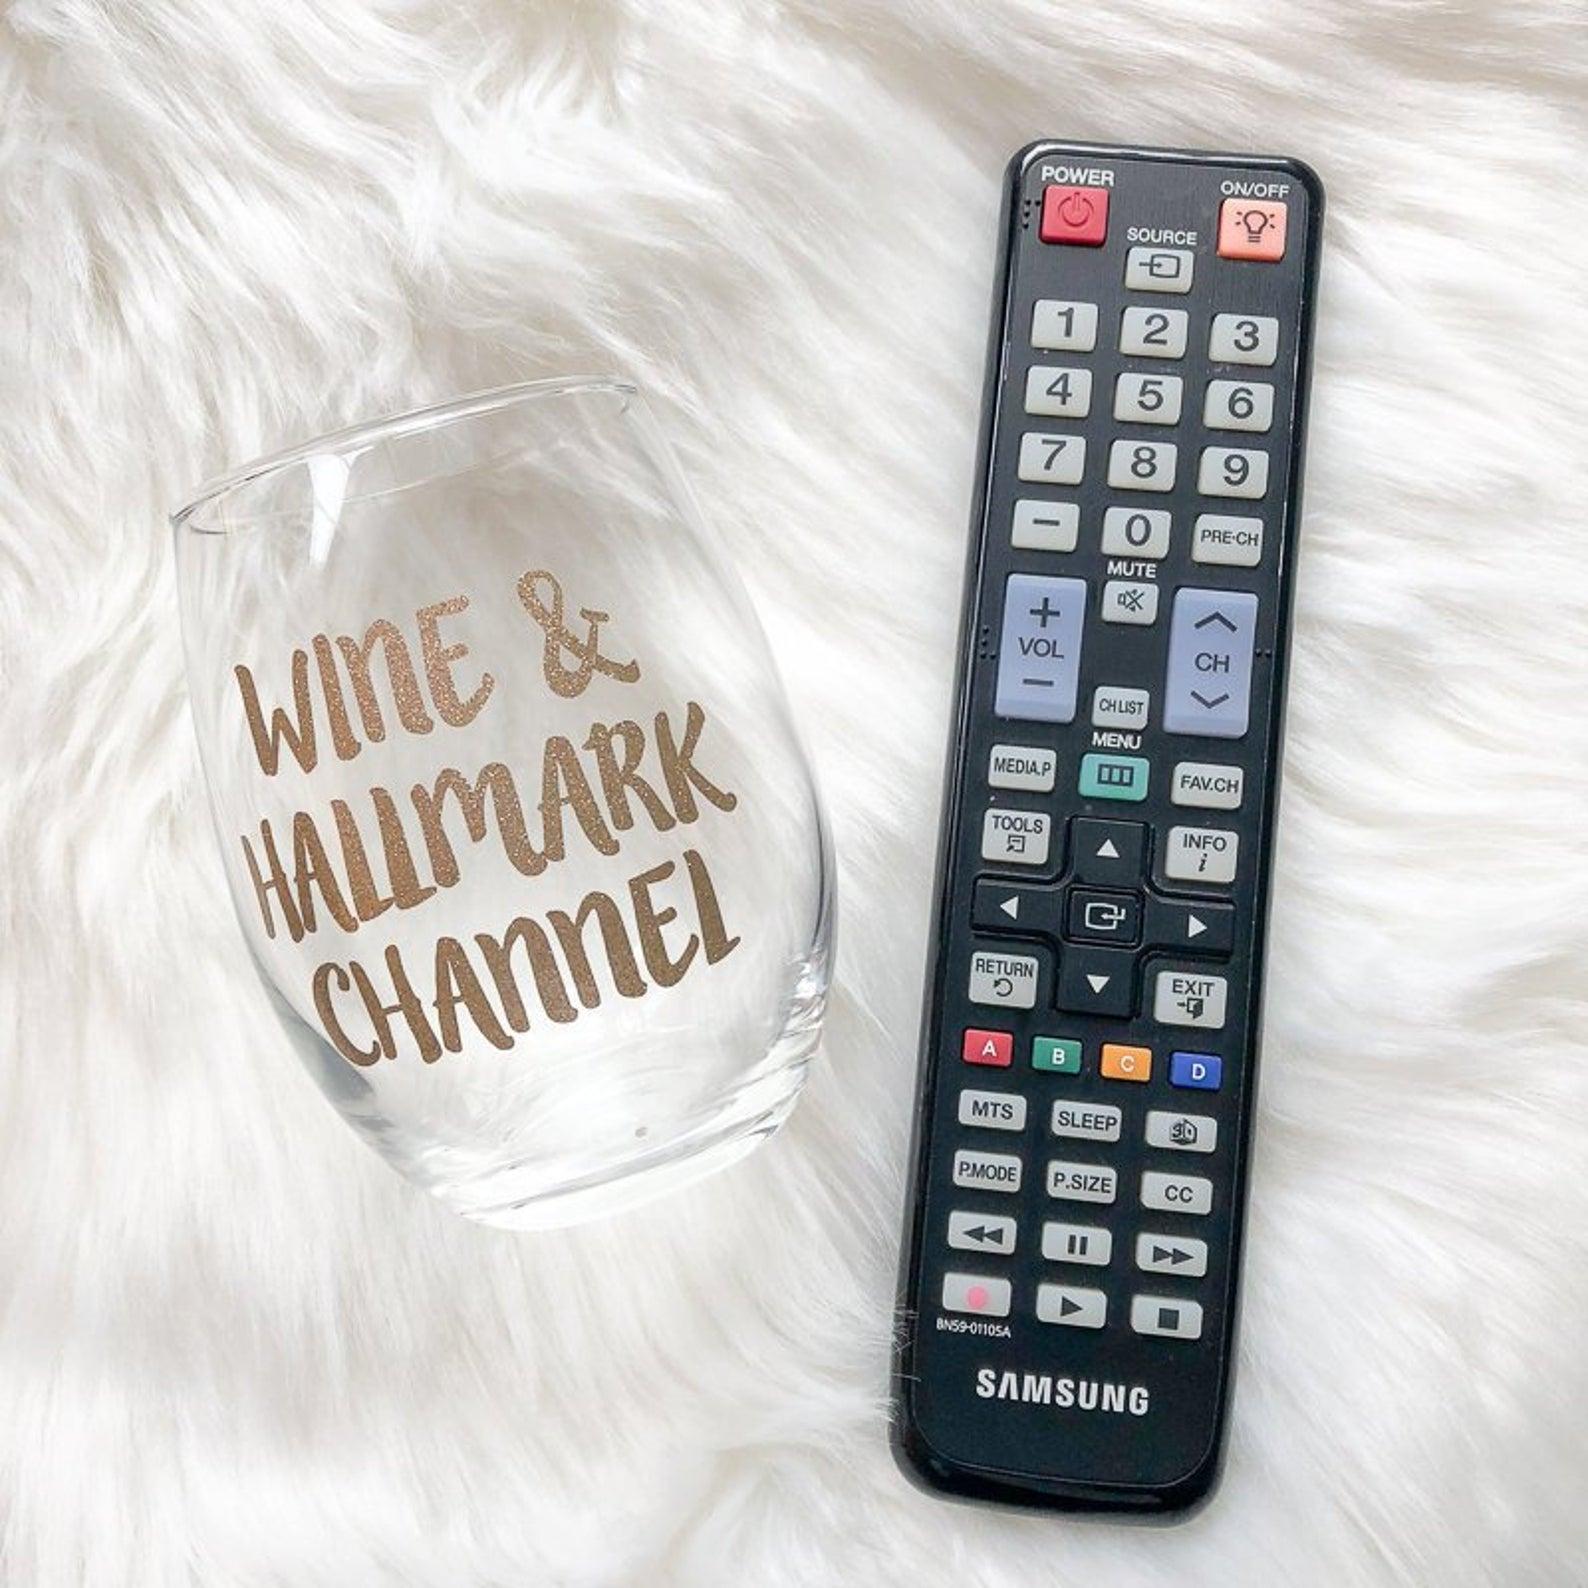 Wine & Hallmark Channel Wine Glass